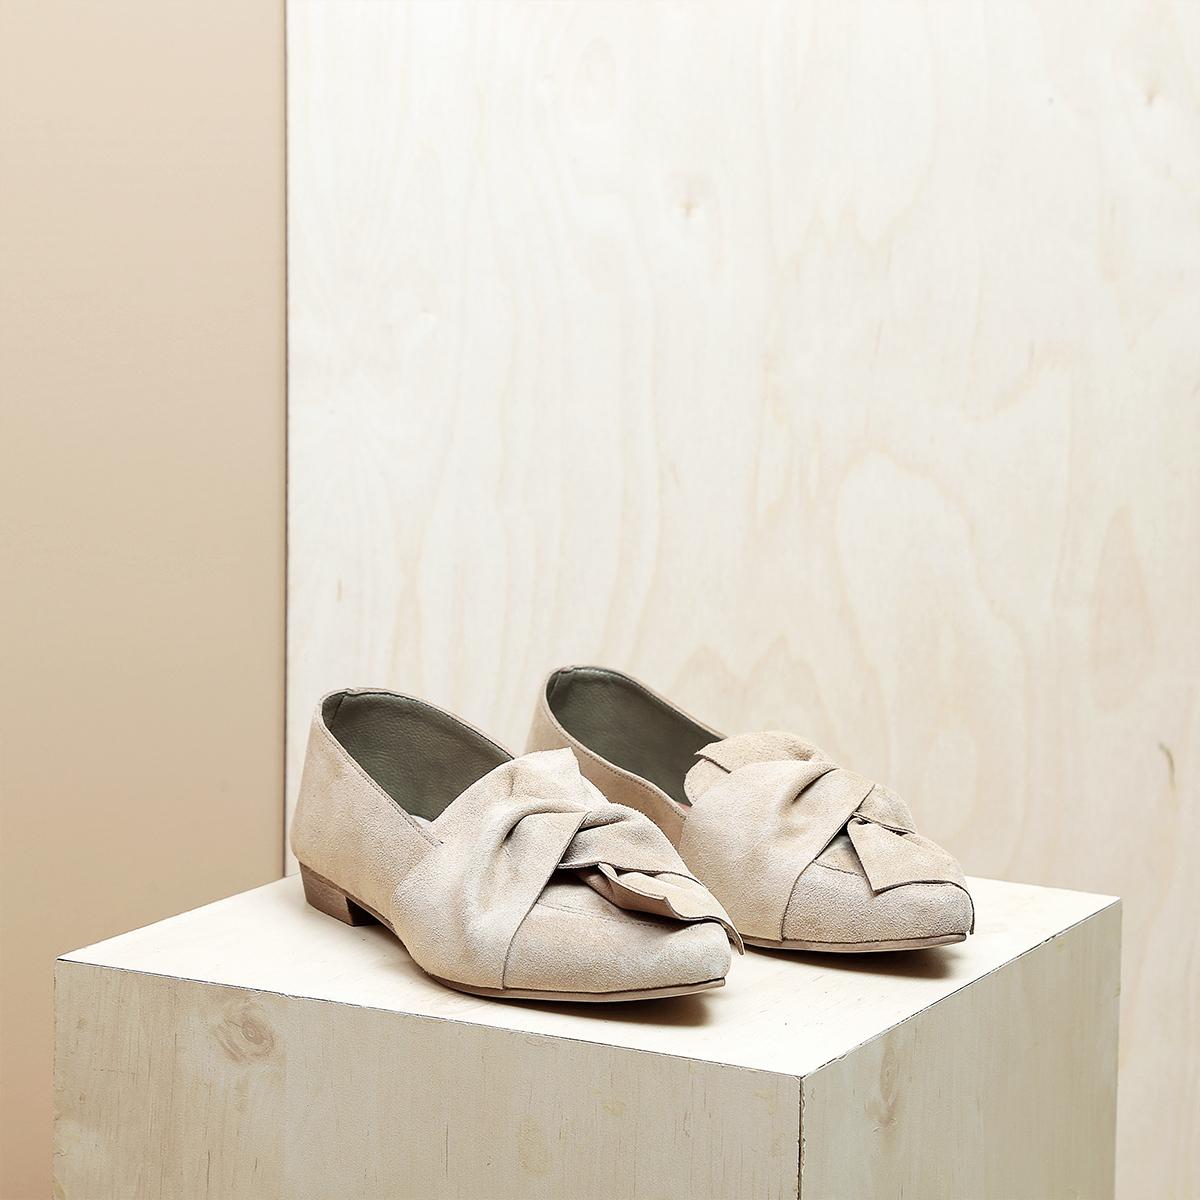 דגם מיקונוס: נעלי זמש בצבע חול